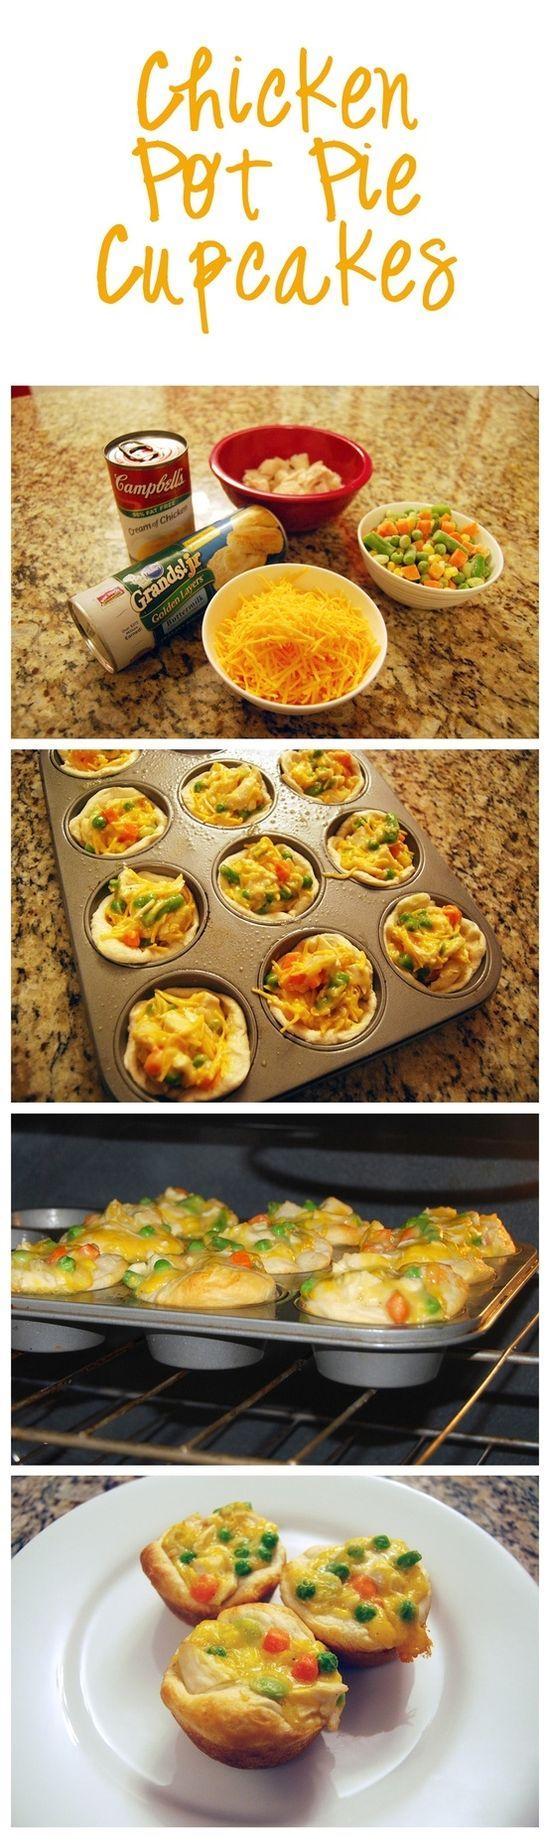 Chicken Pot Pie Cupcakes.